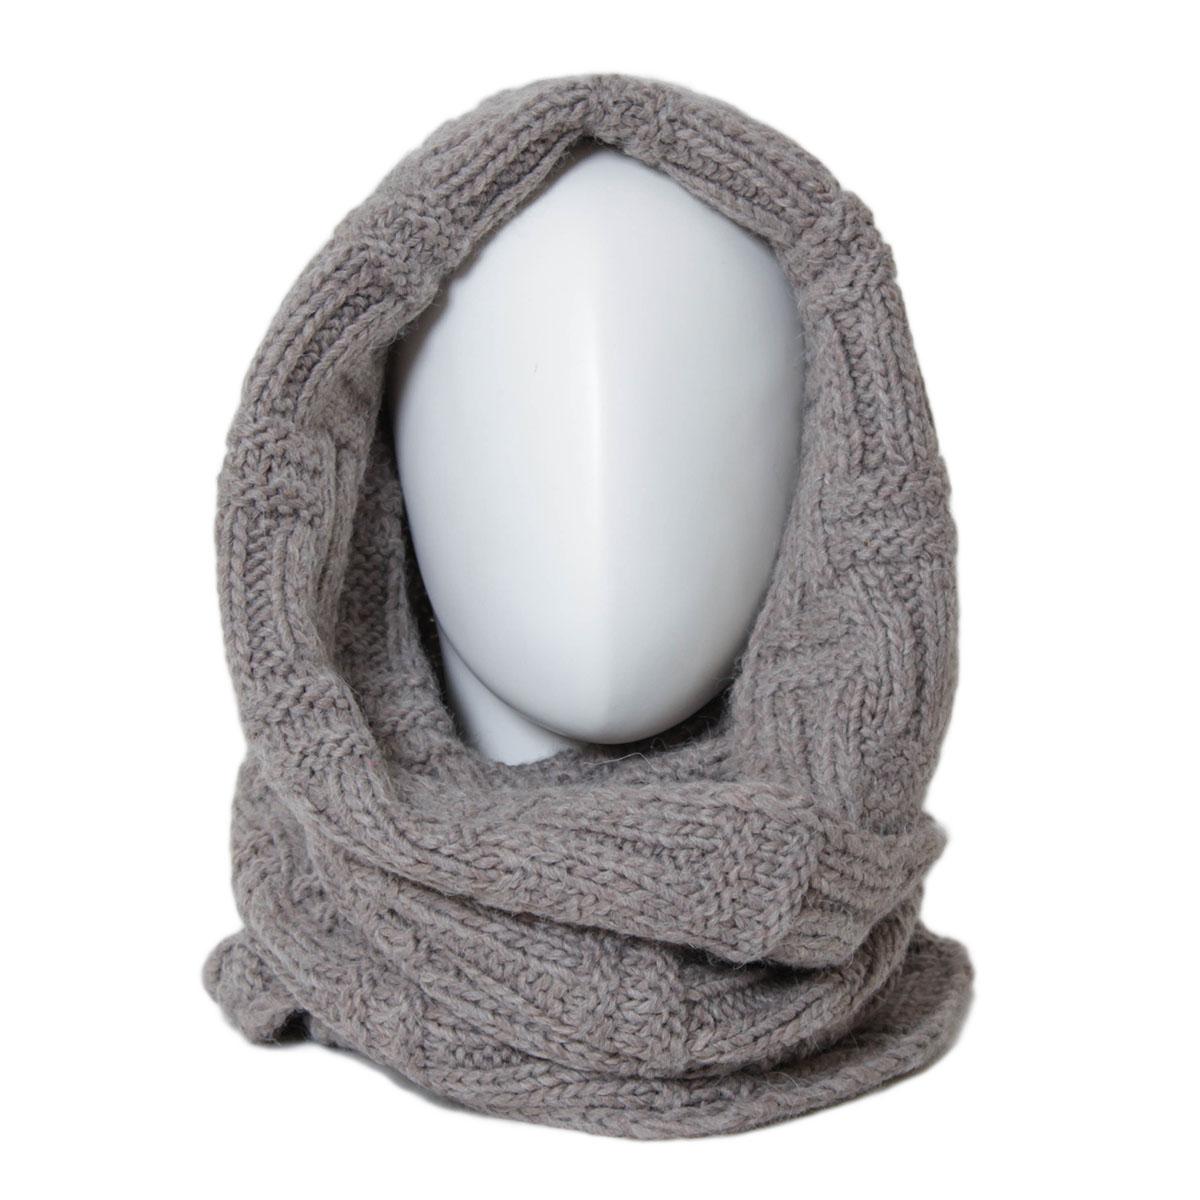 302FJСнуд-хомут от Flioraj выполнен из комбинации альпаки, шерсти, вискозы и полиакрила, оформлен крупной узорной вязкой. Модель носится мягкой восьмеркой, элегантно небрежным кольцом или накидкой на голову.